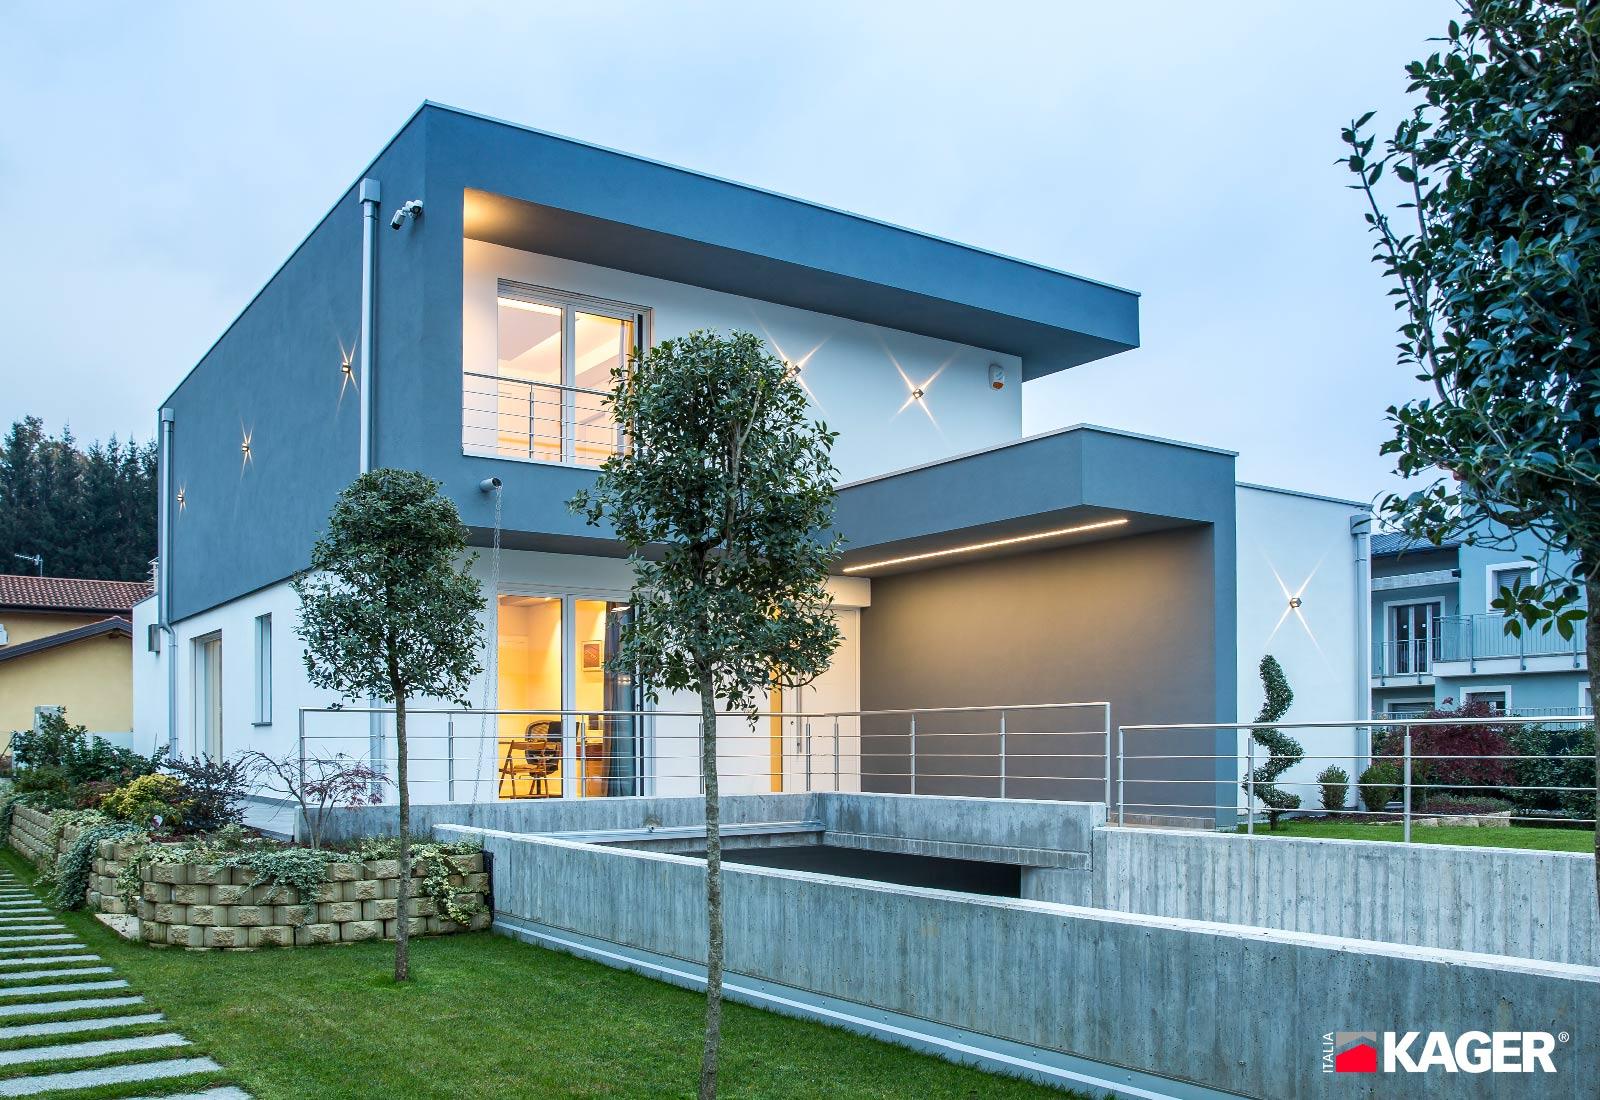 Casa-in-legno-Arcisate-Varese-Kager-Italia-06